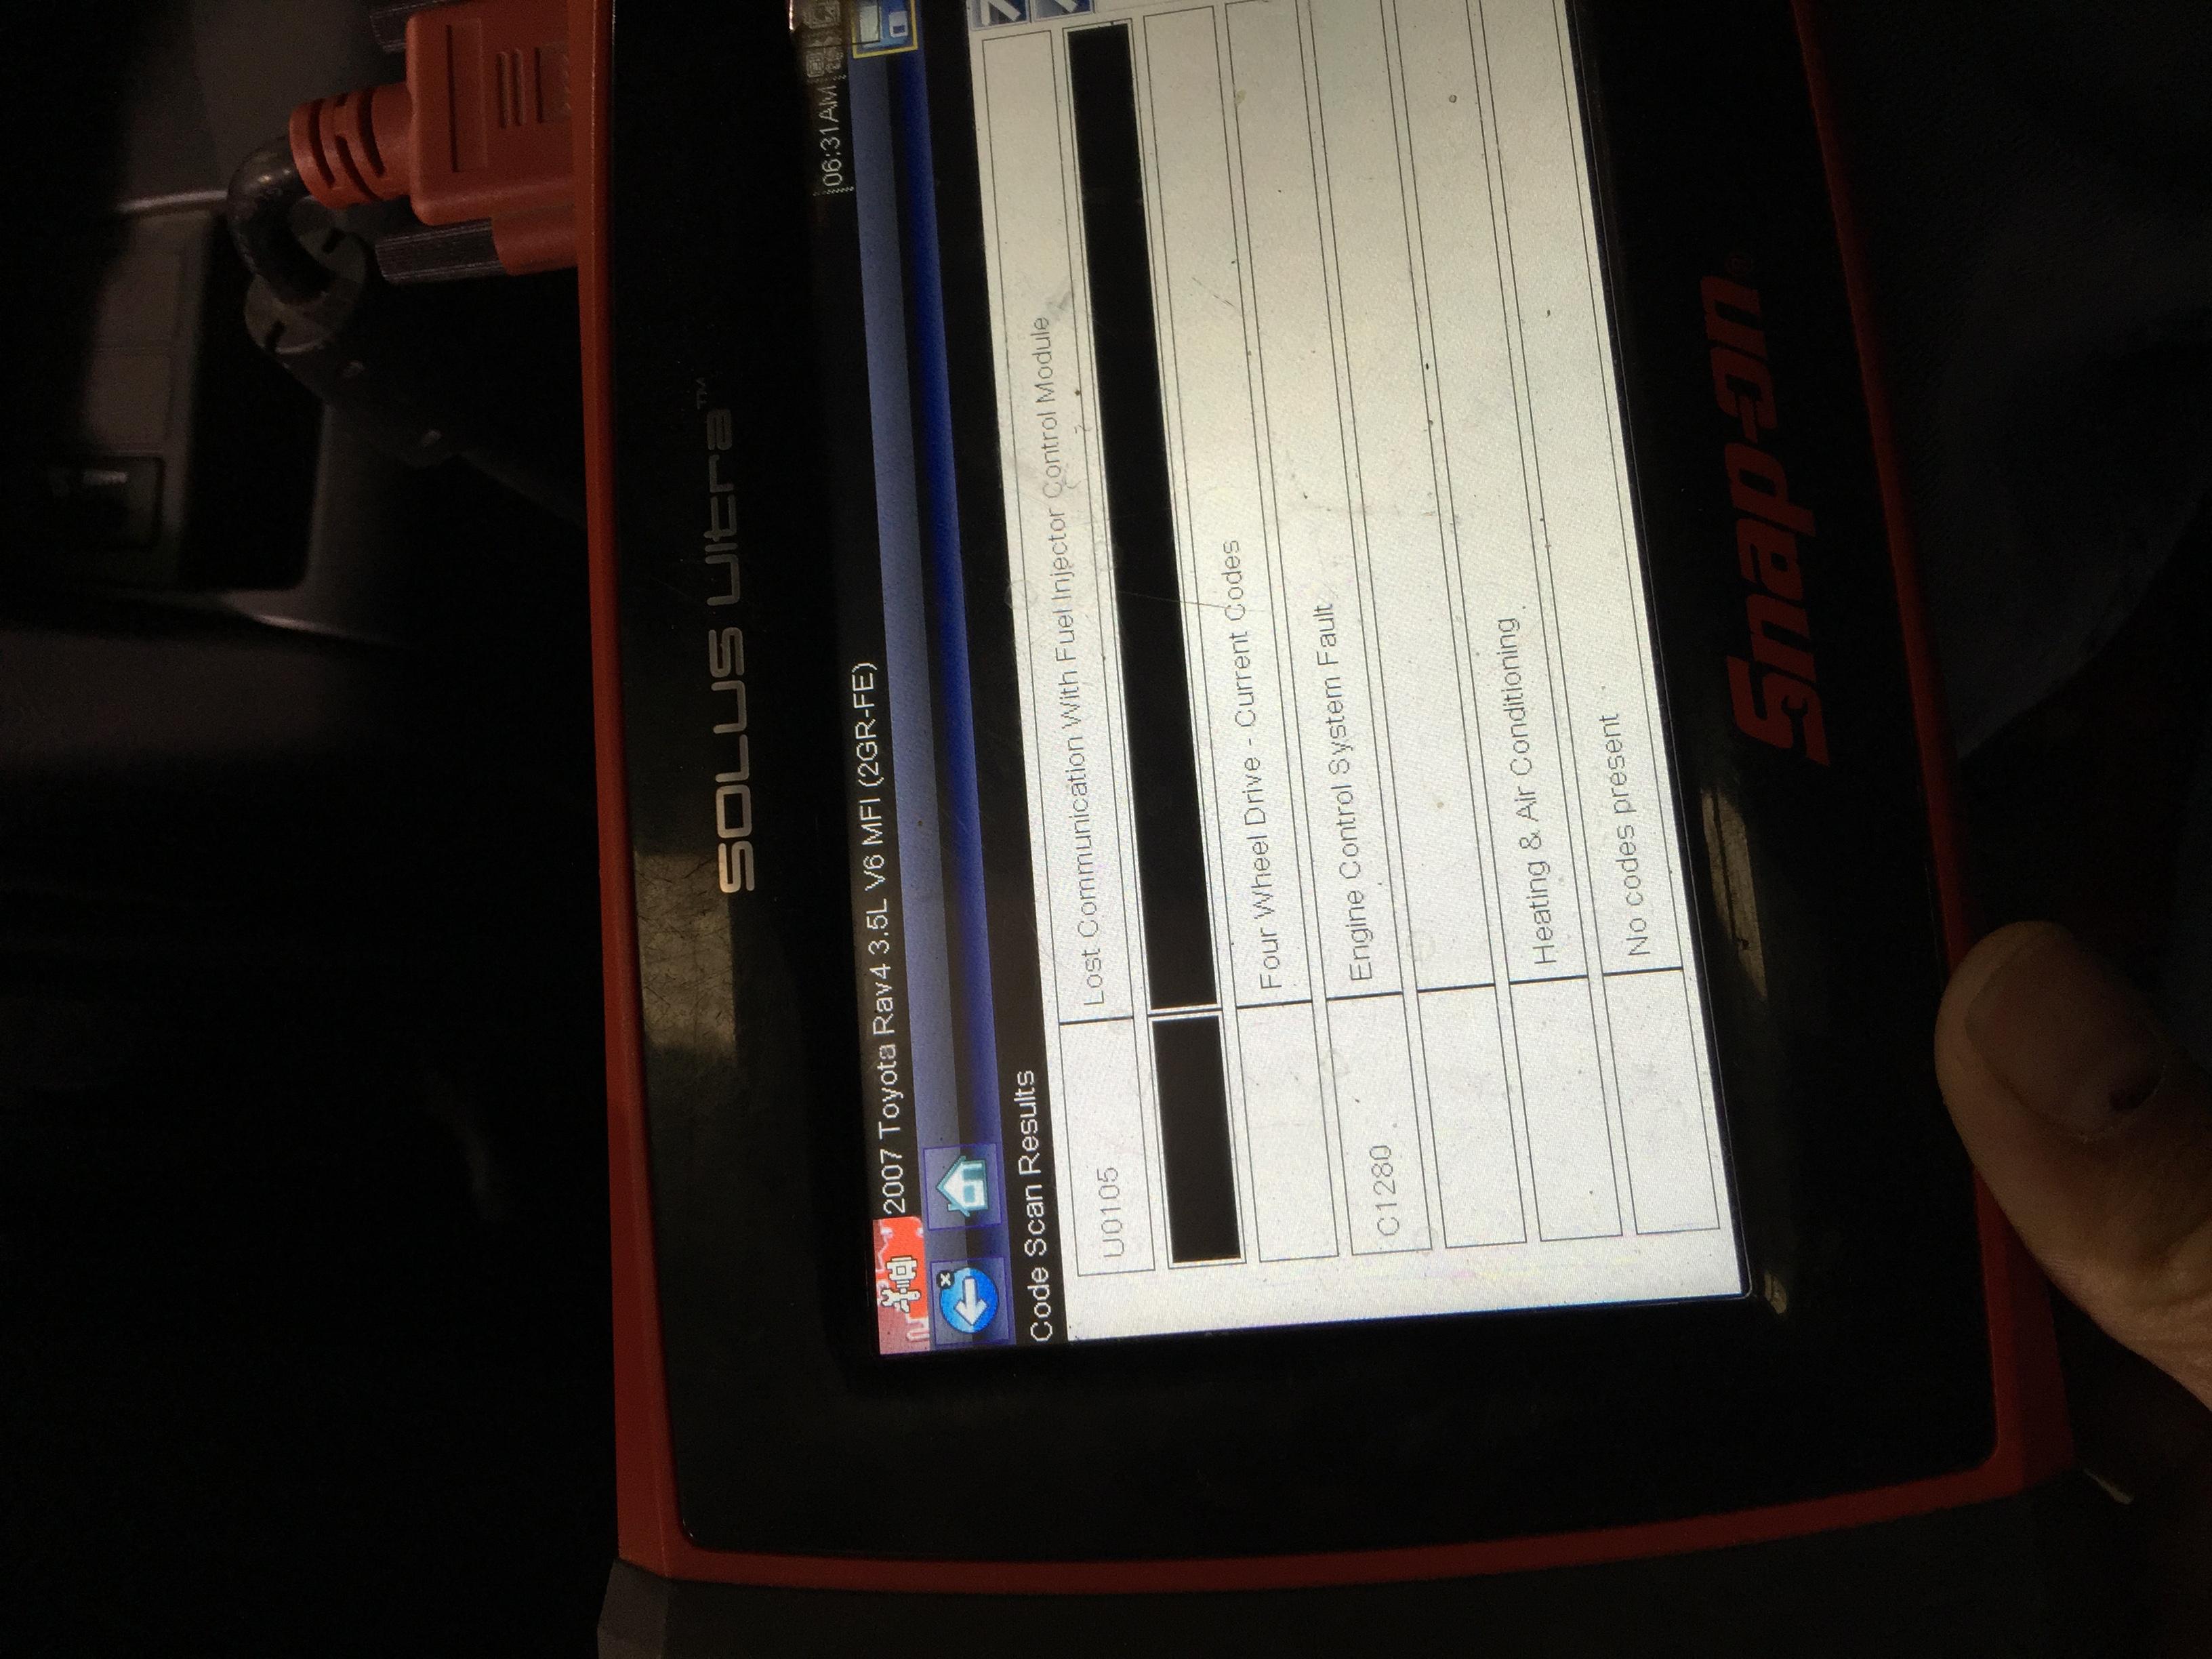 c1201 toyota rav4 modificação de carros no méxicomymechanic has been looking at my 07 rav4 sinc the check engine 4wd